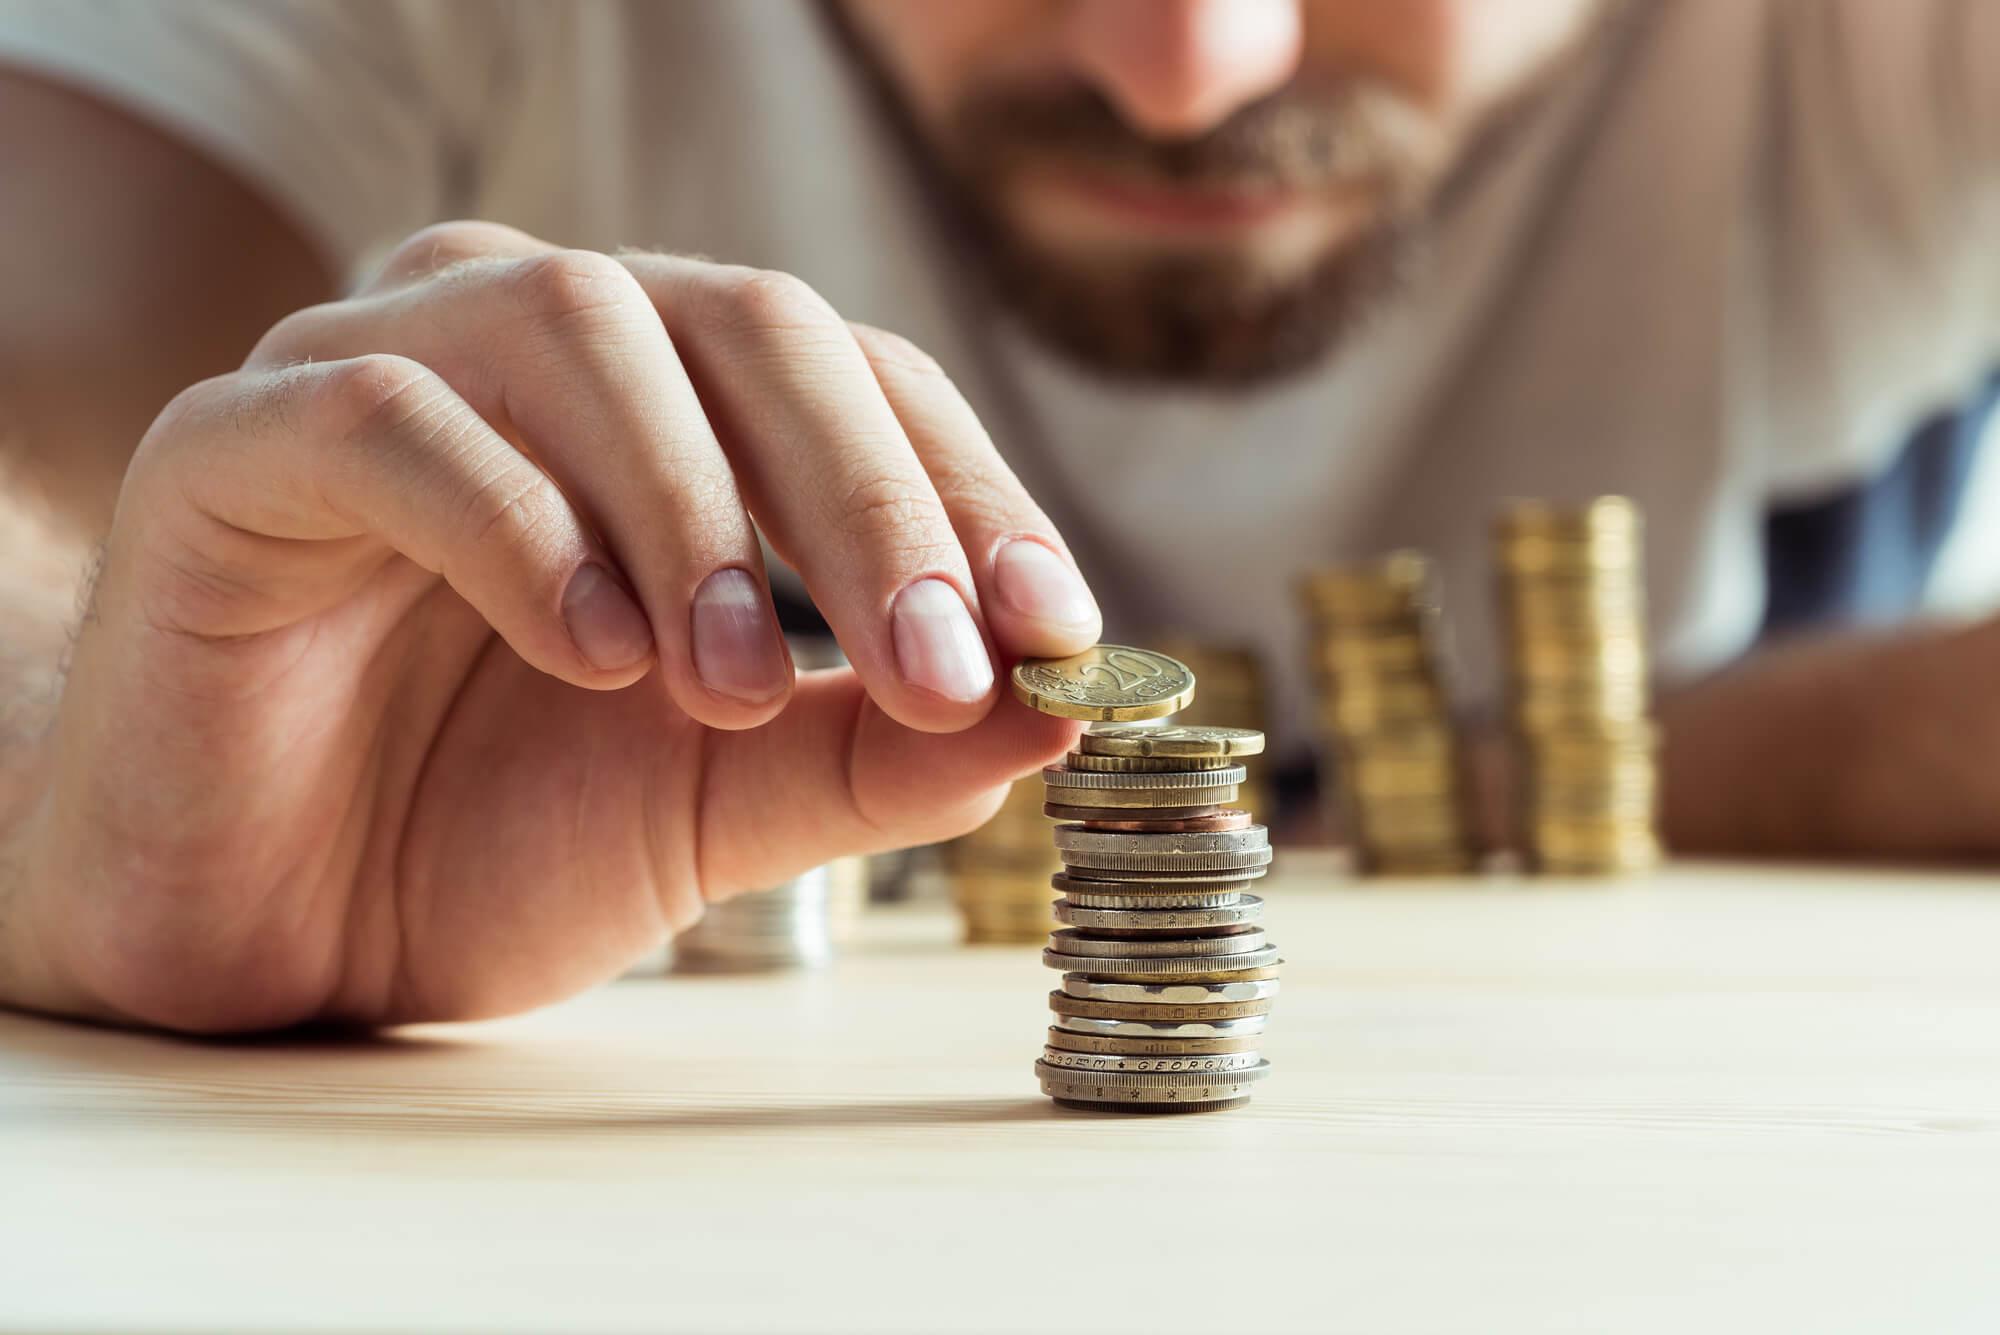 Fundo de reserva: o que é e para que serve nos consórcios?